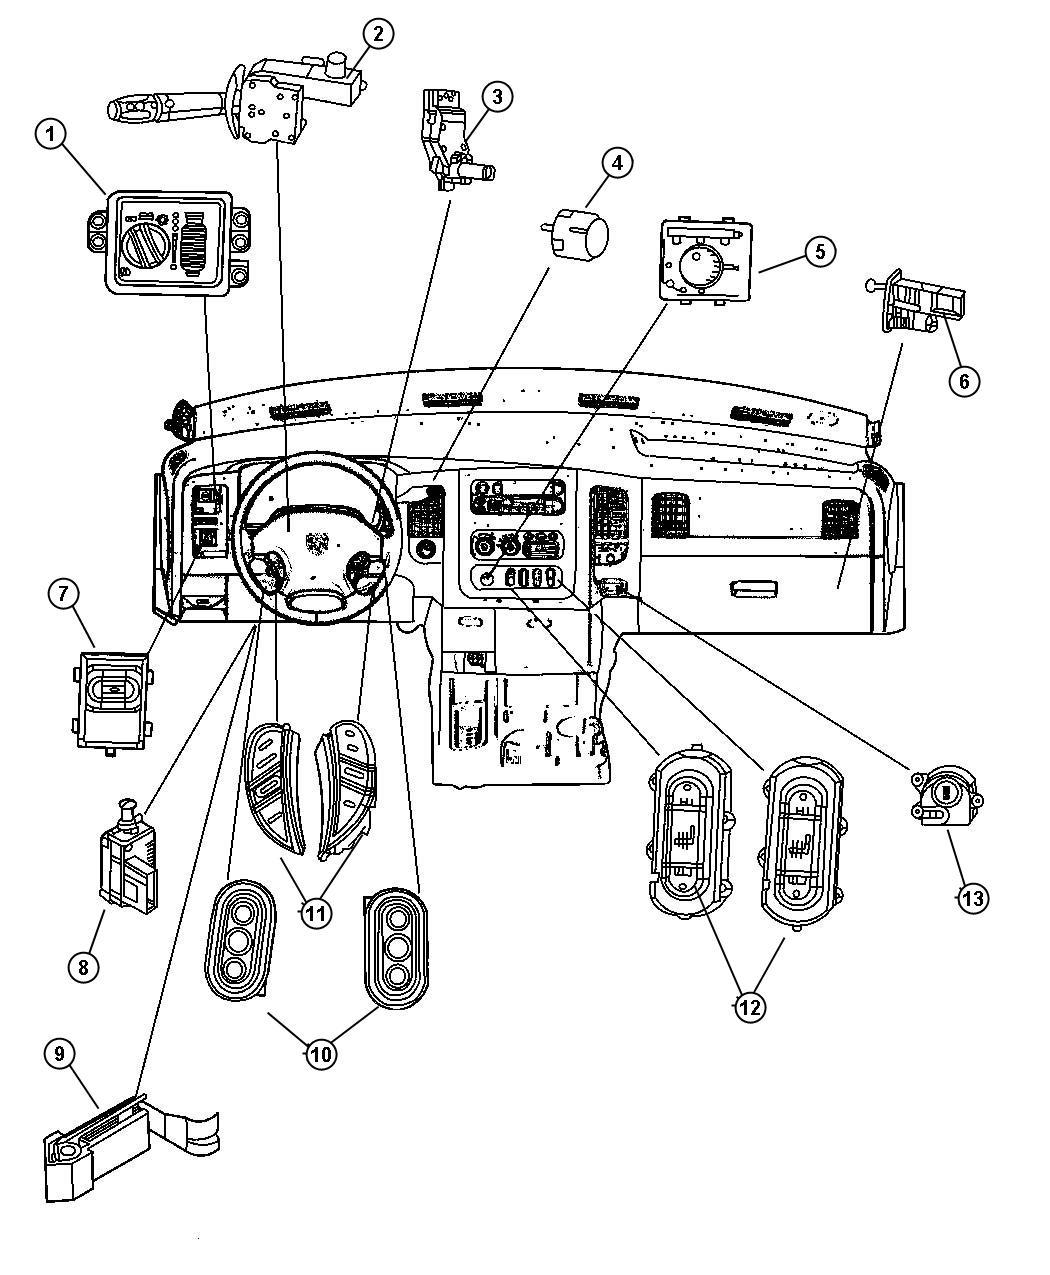 Dodge Ram Switch Ignition Wiperstilt